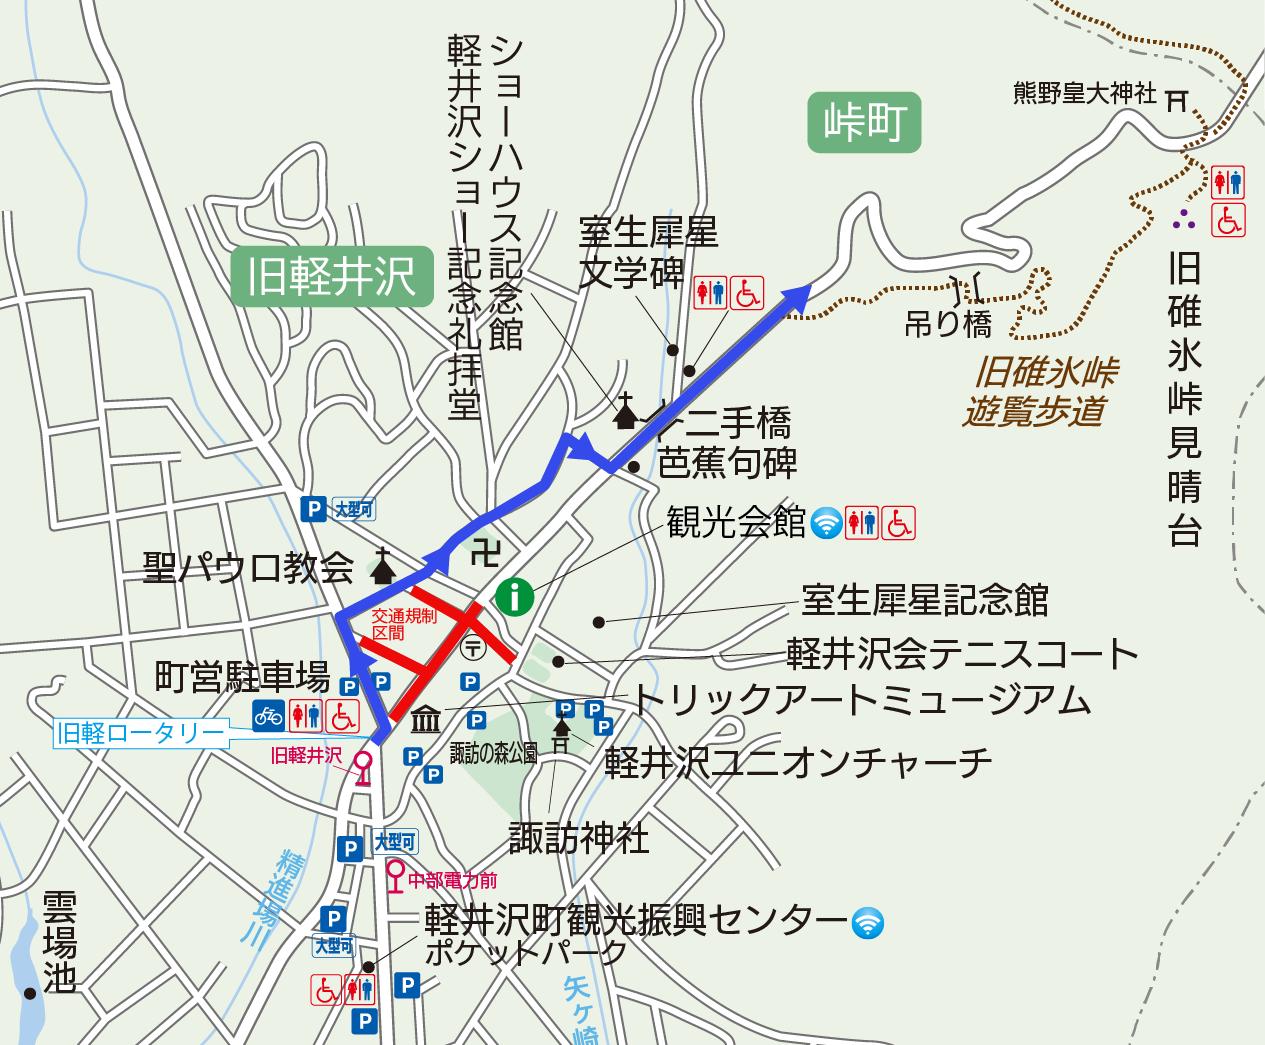 <往路>旧軽井沢銀座ロータリーから熊野皇大神社付近へ